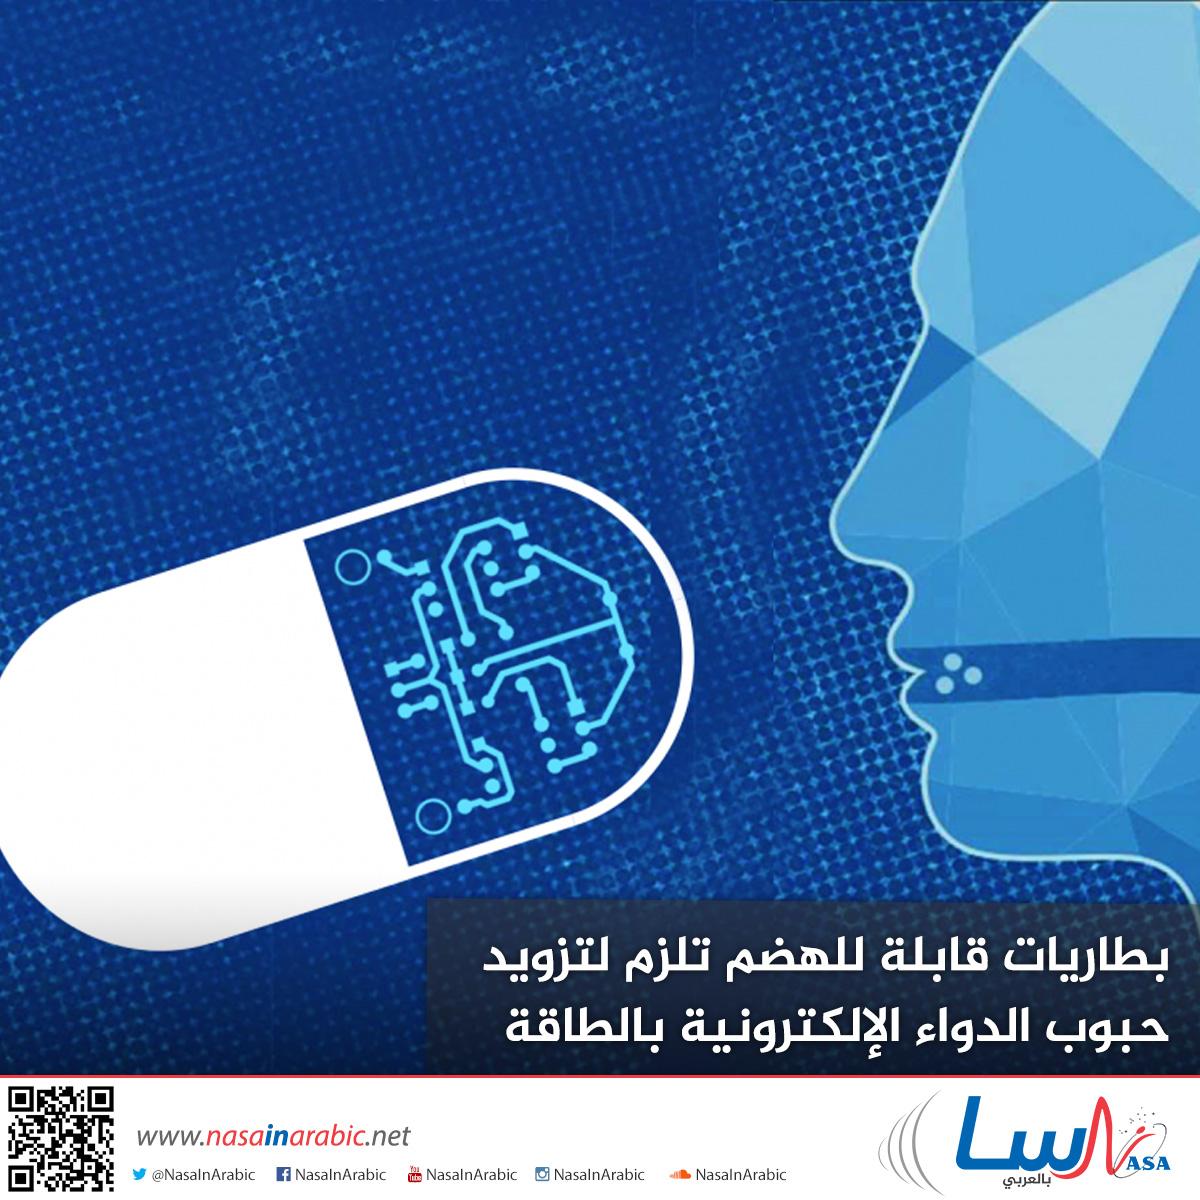 بطاريات قابلة للهضم لتزويد حبوب الدواء الإلكترونية بالطاقة